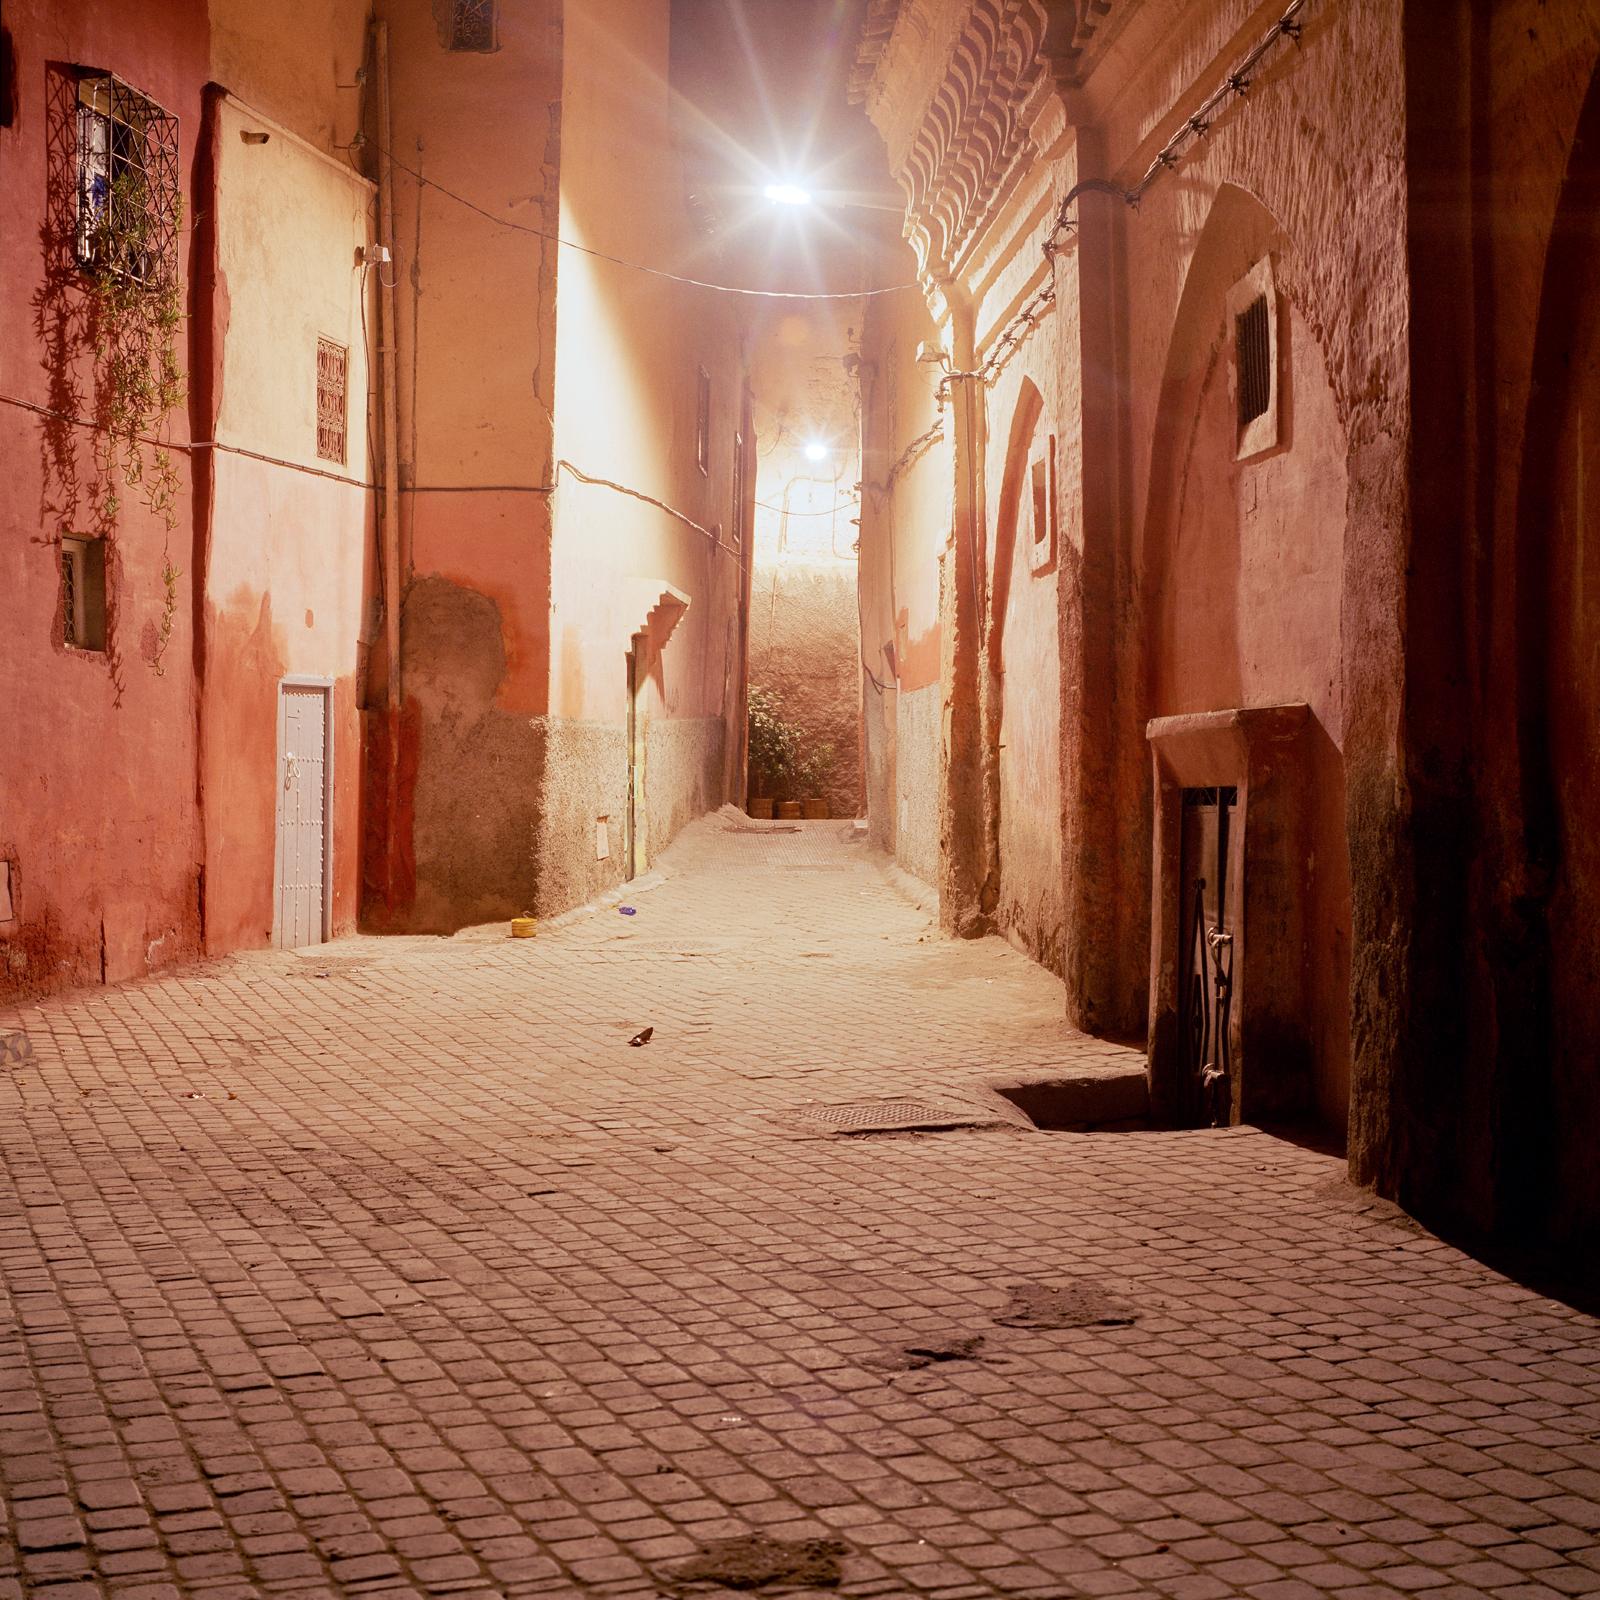 Medina_Marrakech_Medina_Nov_2011_00007.jpg